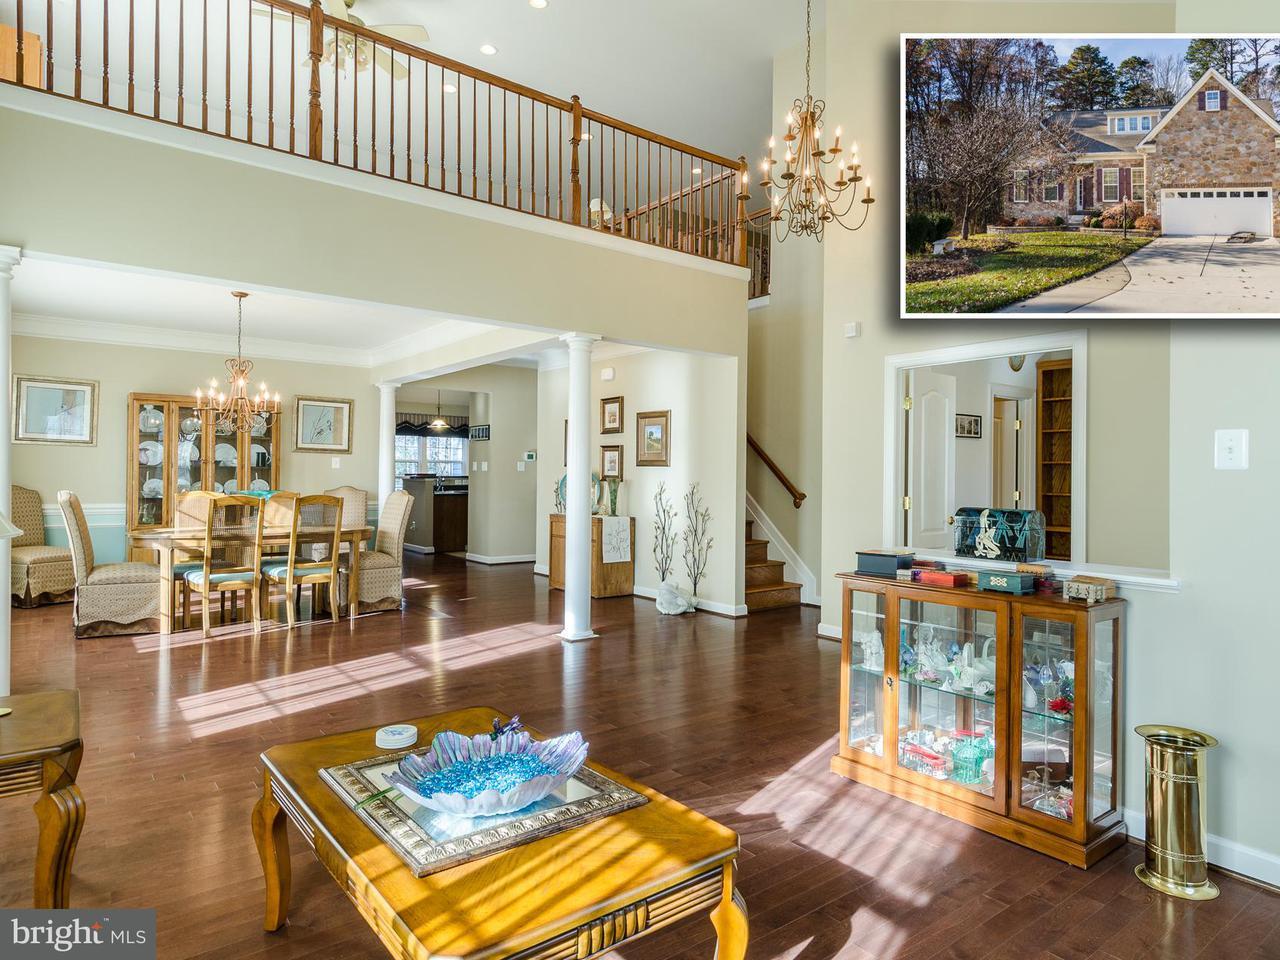 Частный односемейный дом для того Продажа на 802 WINDJAMMER Road 802 WINDJAMMER Road Glen Burnie, Мэриленд 21060 Соединенные Штаты